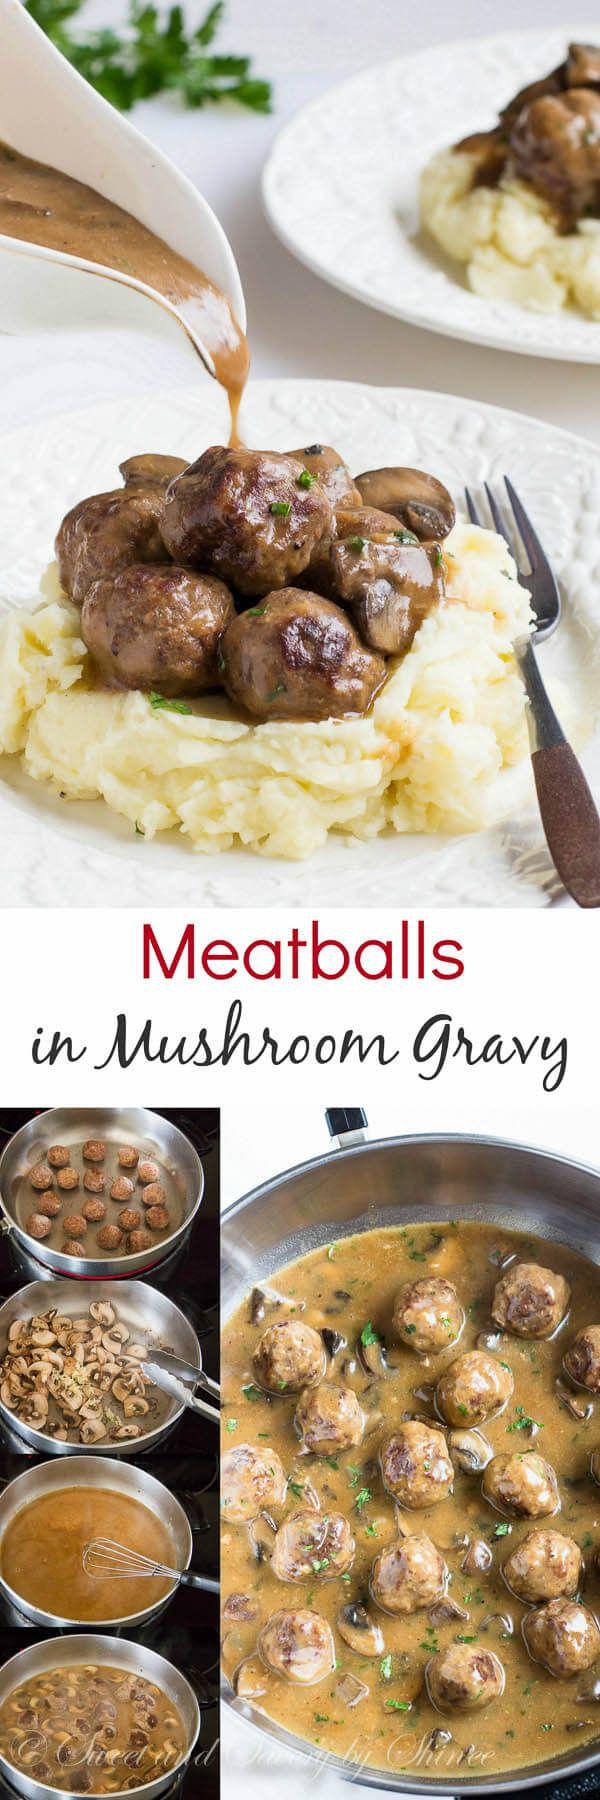 Meatballs in mushroom gravy                                                                                                                                                                                 More